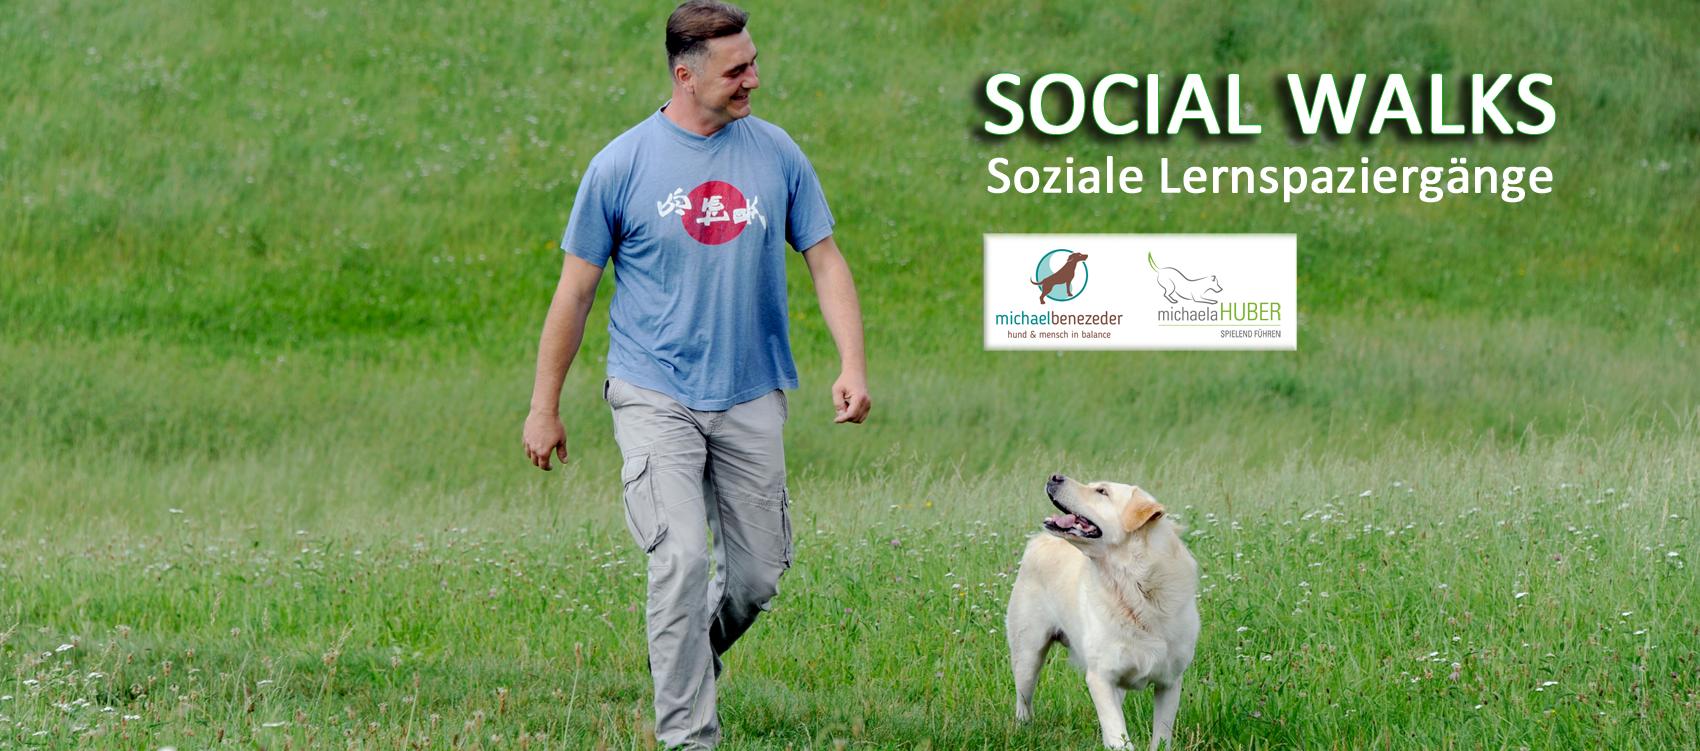 SOCIAL WALK - Gruppenspaziergang